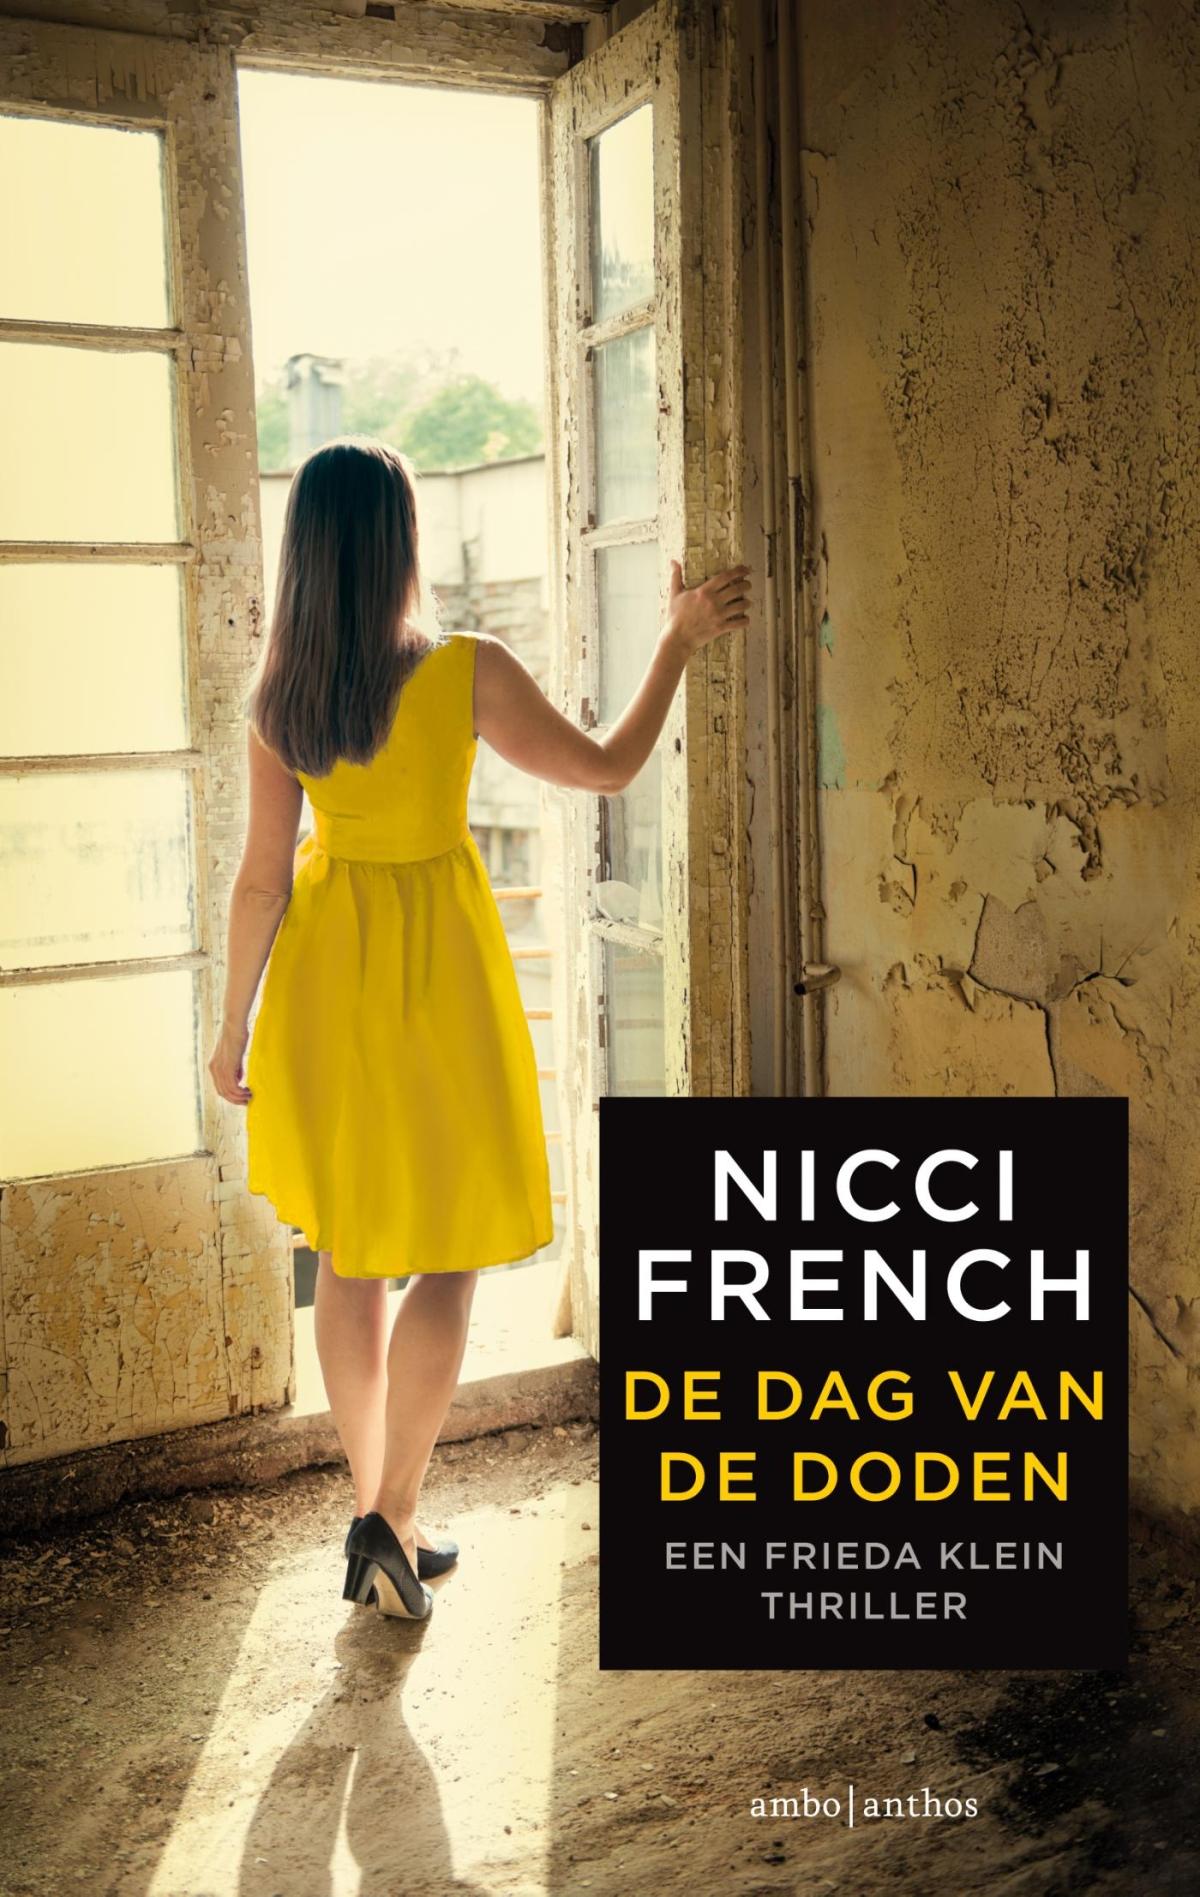 Afbeeldingsresultaat voor de dag van de doden nicci french